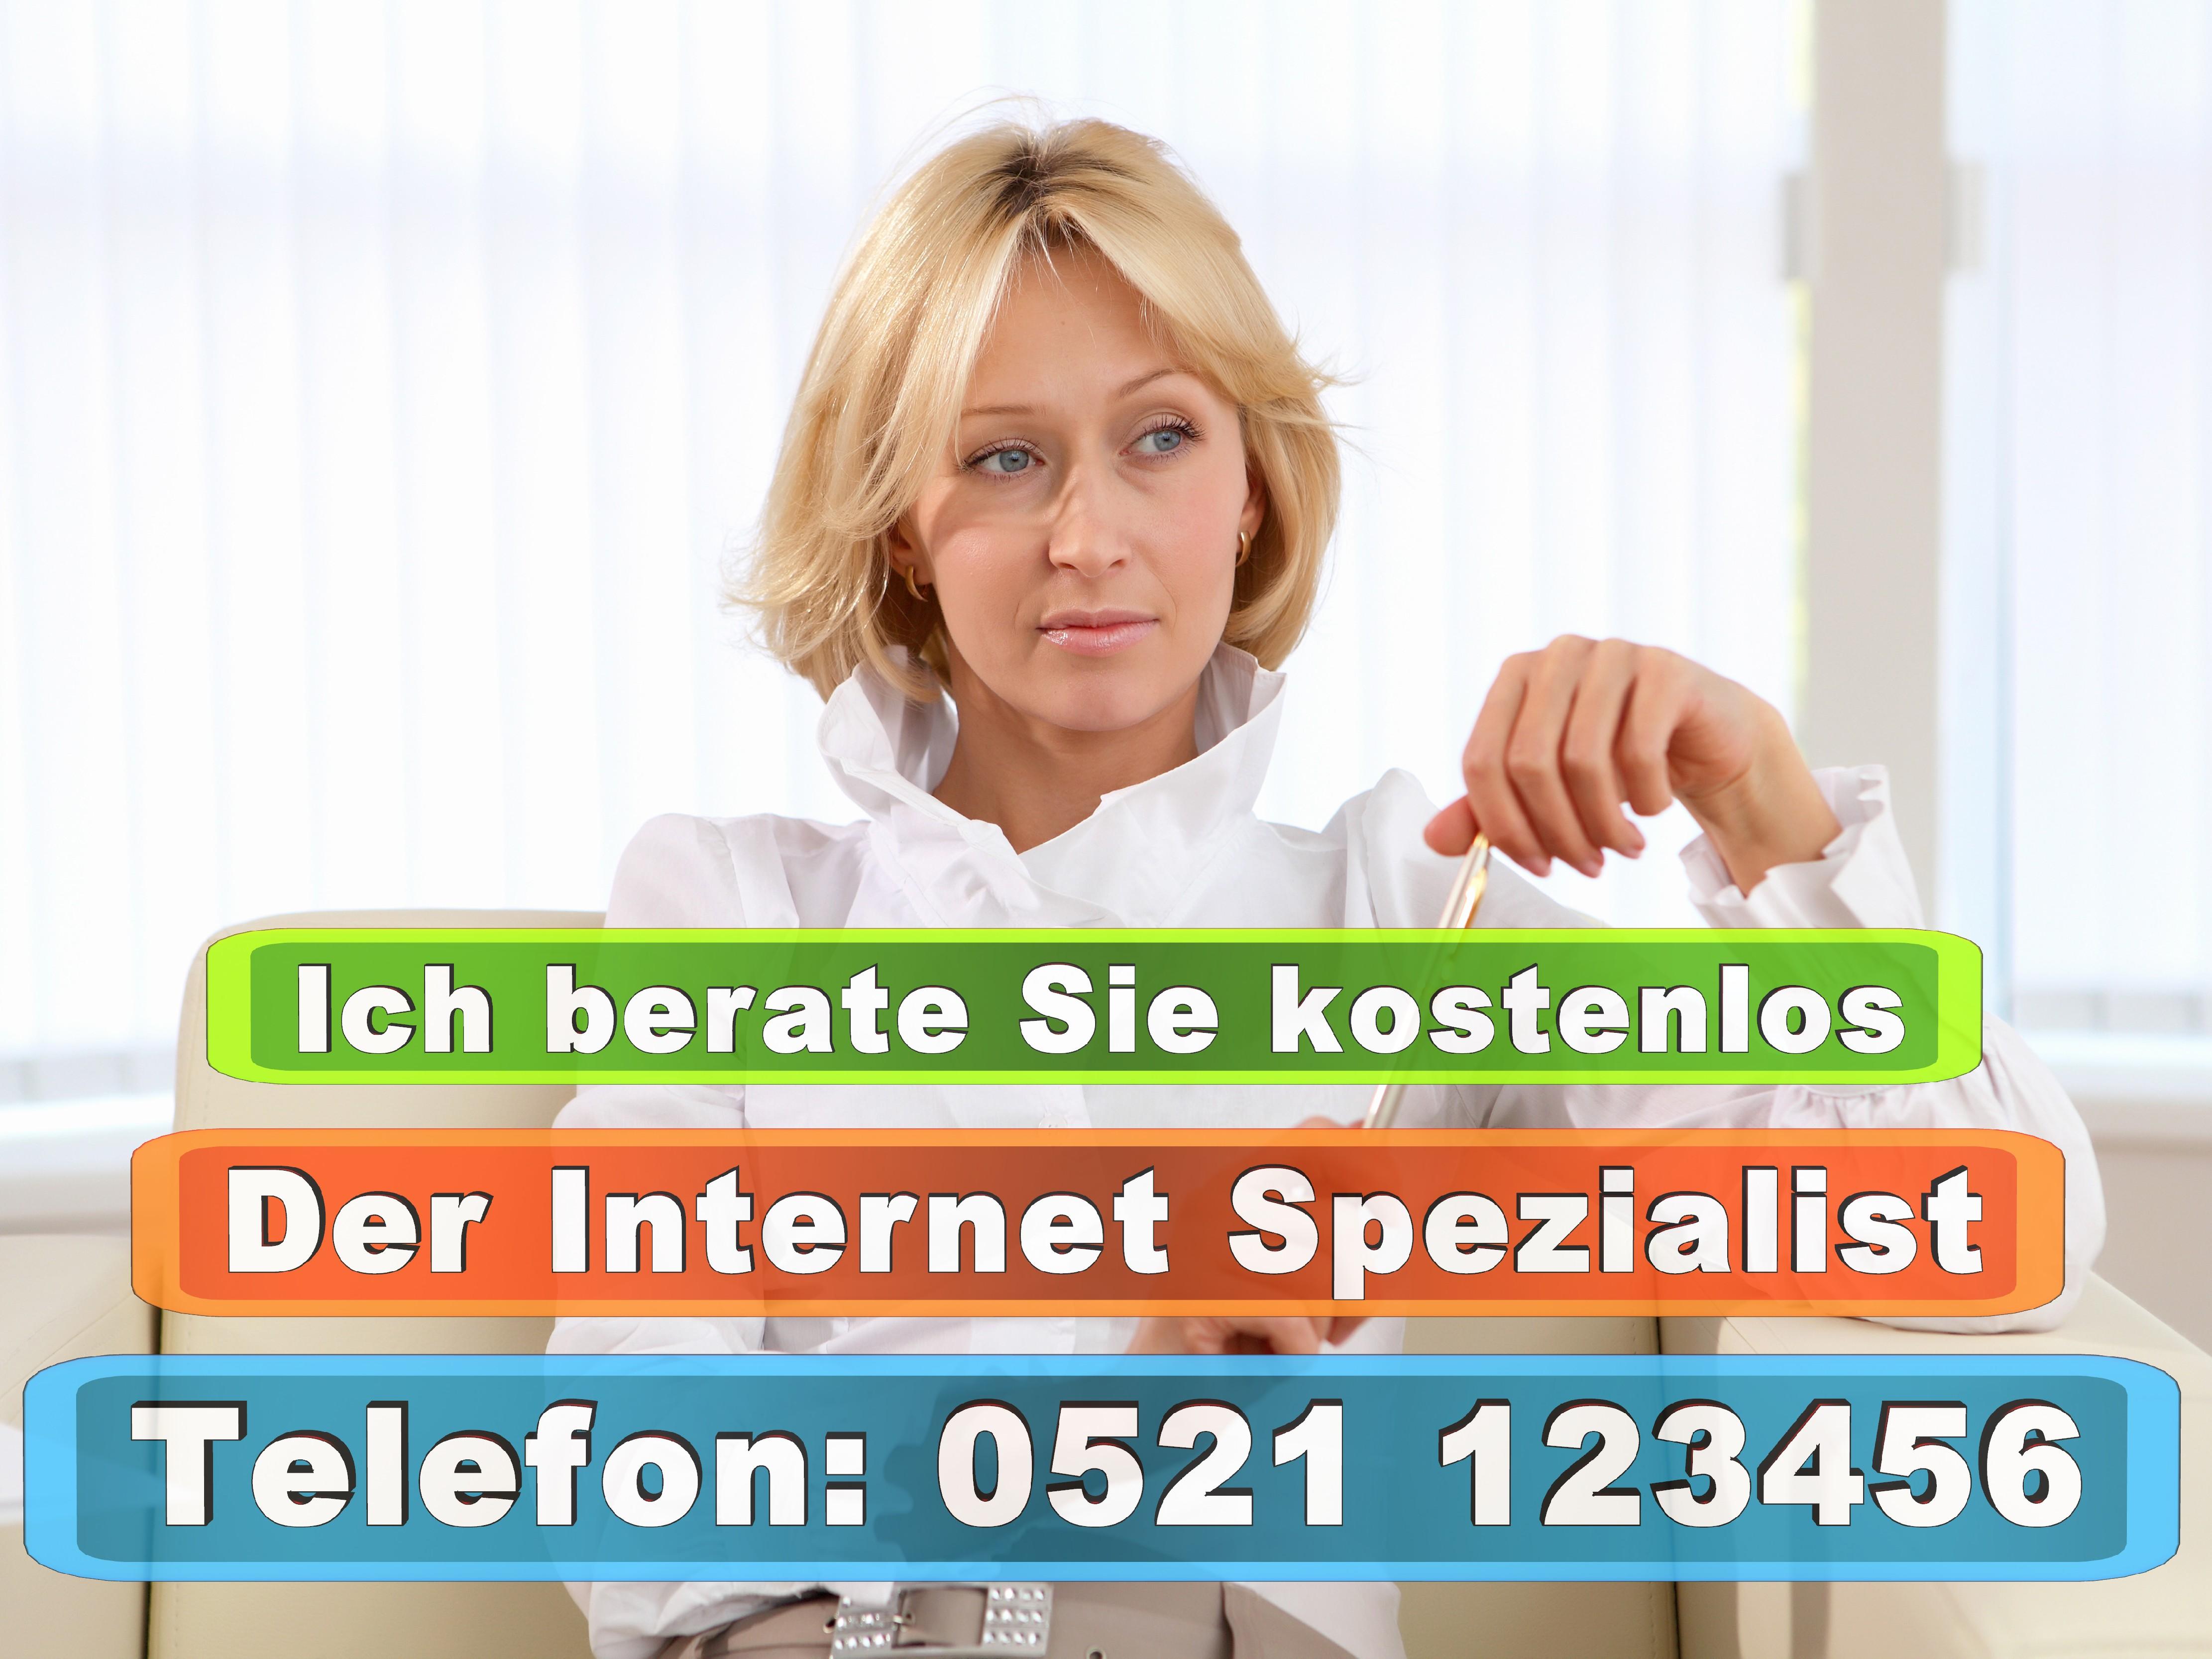 Steuerberater Bielefeld Rechtsanwalt Bielefeld Hausverwaltung Bielefeld Immobilien Bielefeld Architekt Bielefeld Büro Versicherungen (28)